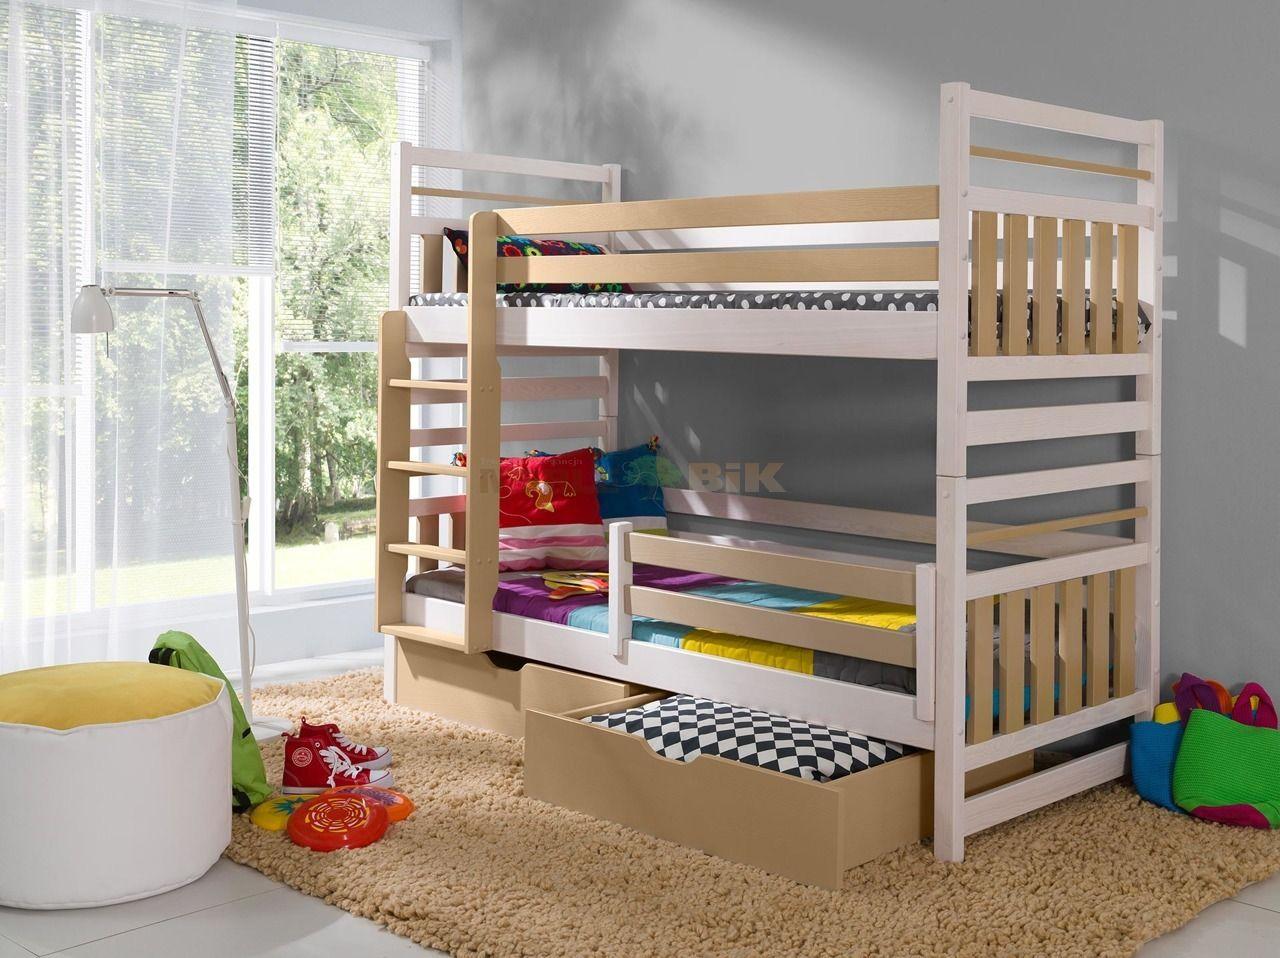 łóżko Piętrowe Do Pokoju Młodzieżowego Miromir 2 Osobowe